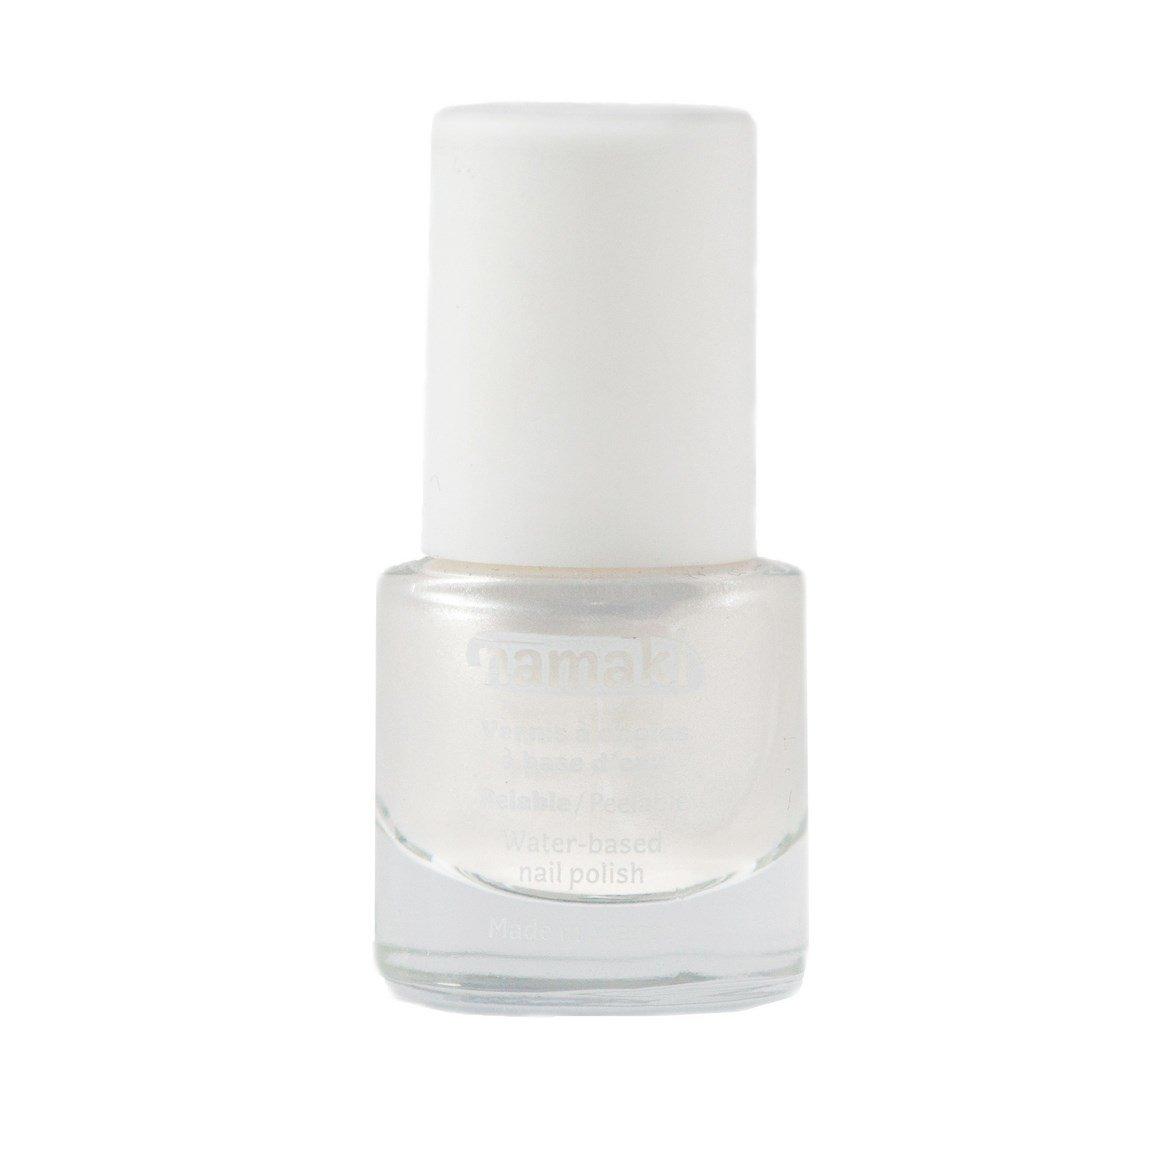 Smalto all'acqua rimovibile senza solventi - 05 Bianco perla